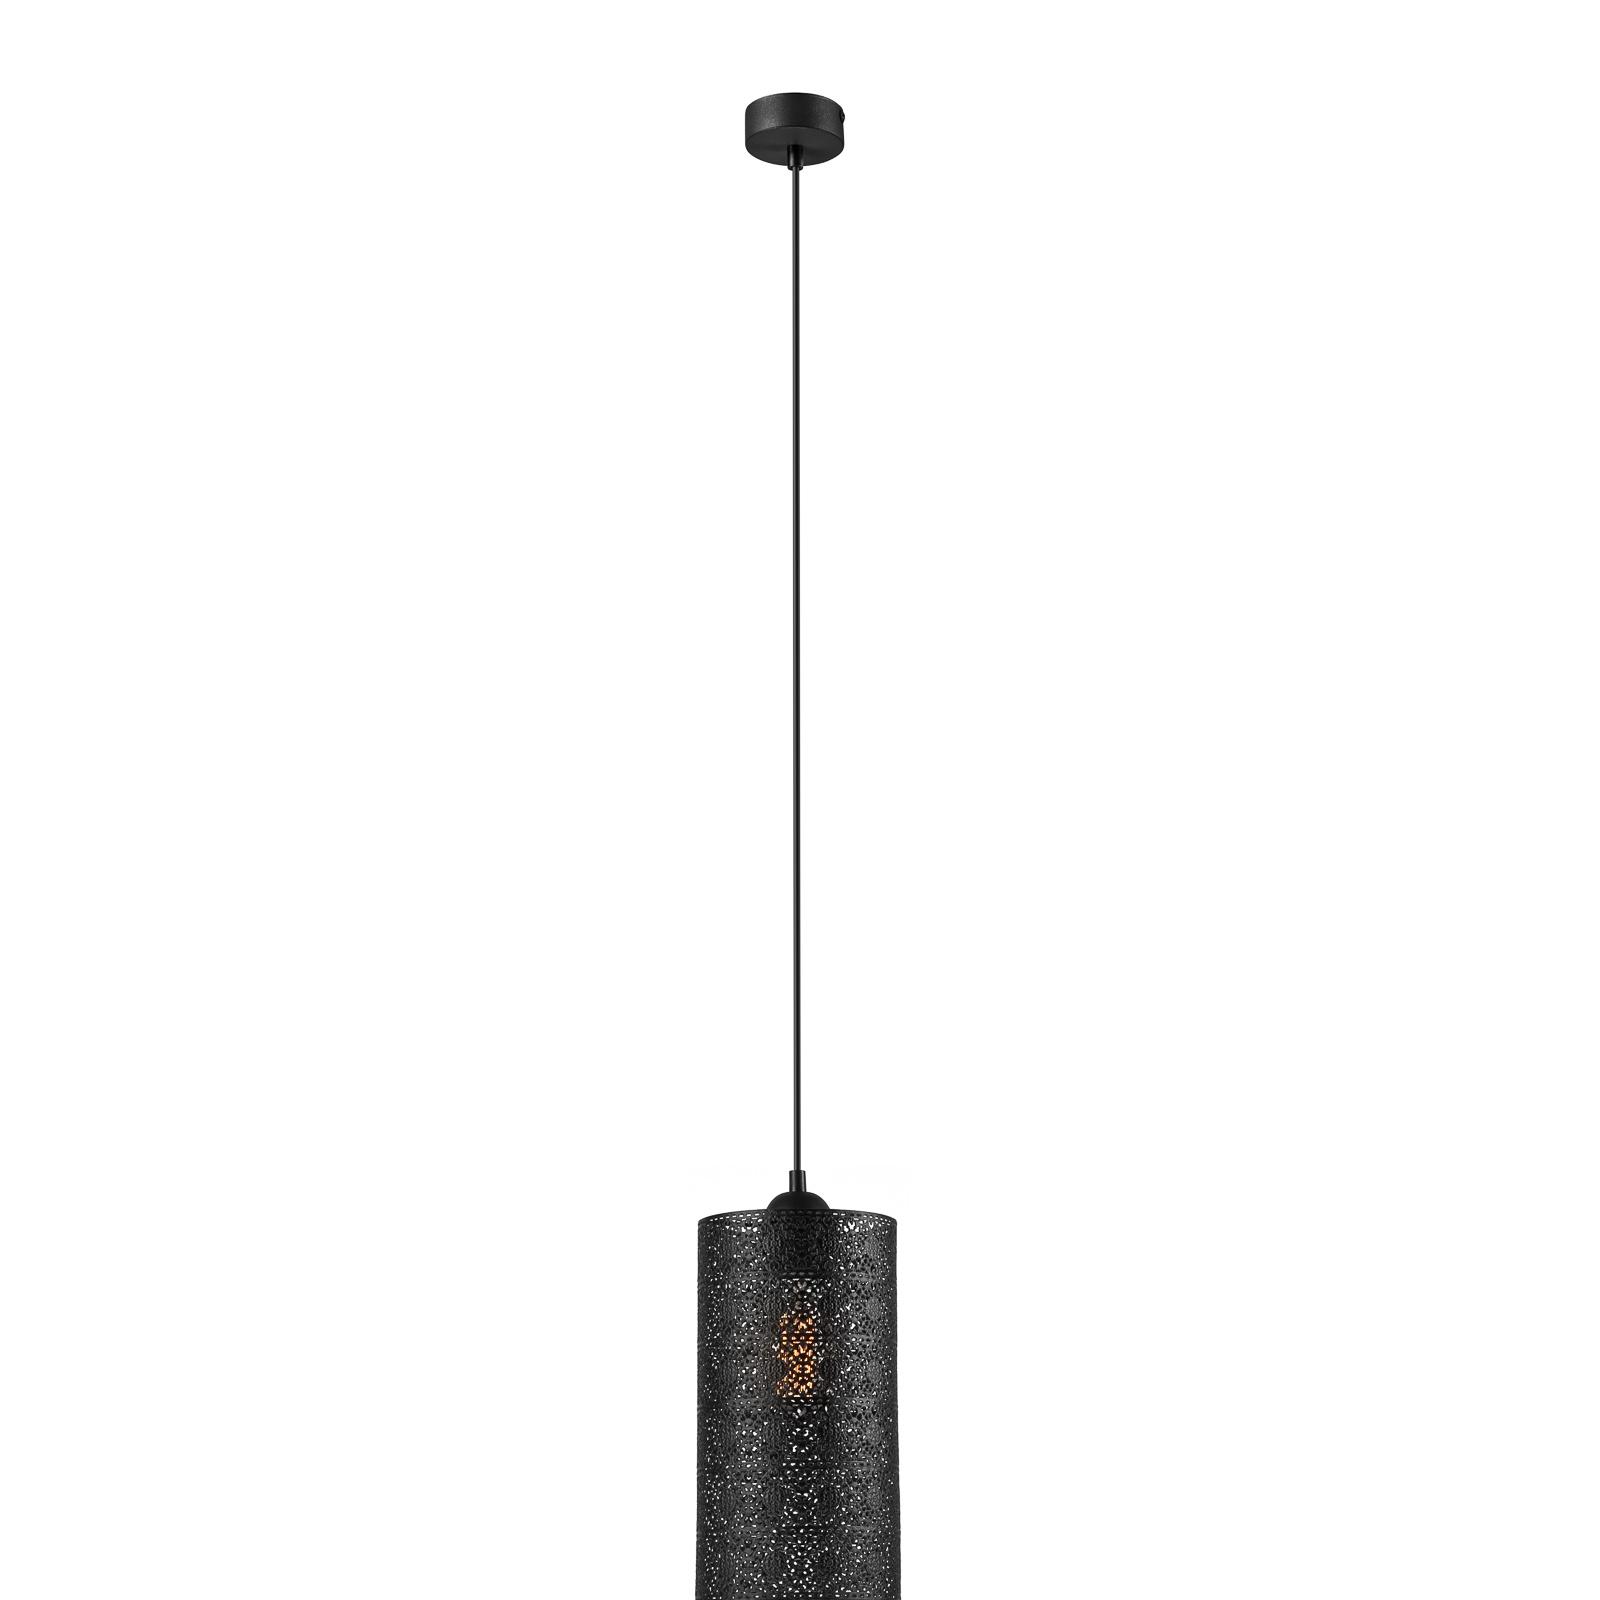 Hängeleuchte Ara, orientalischer Look, Ø 15 cm